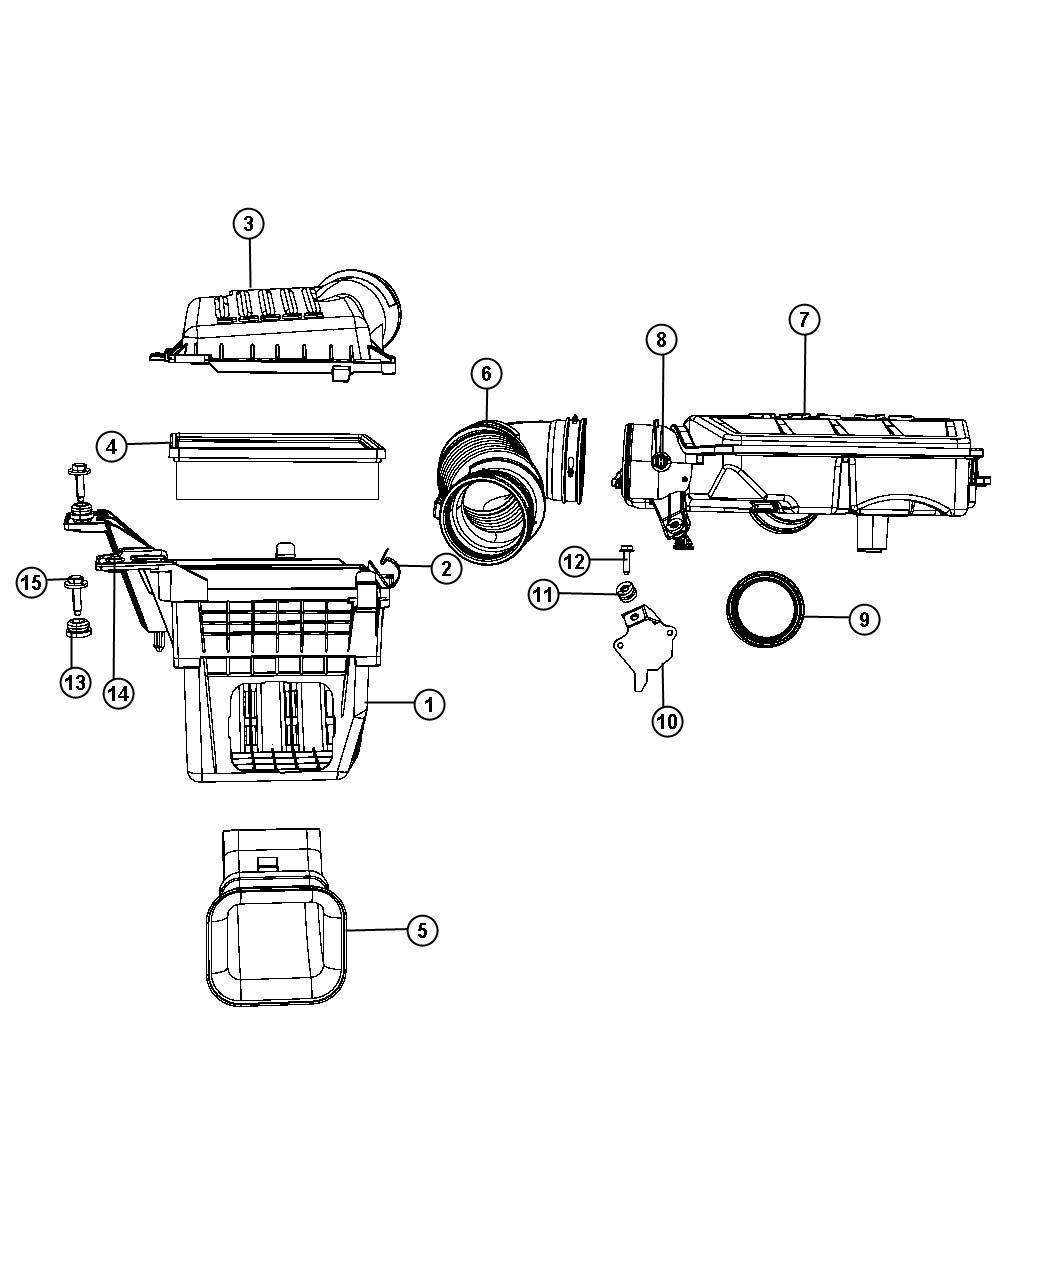 Dodge Durango Seal Air Cleaner 3 6l V6 Vvt Engine